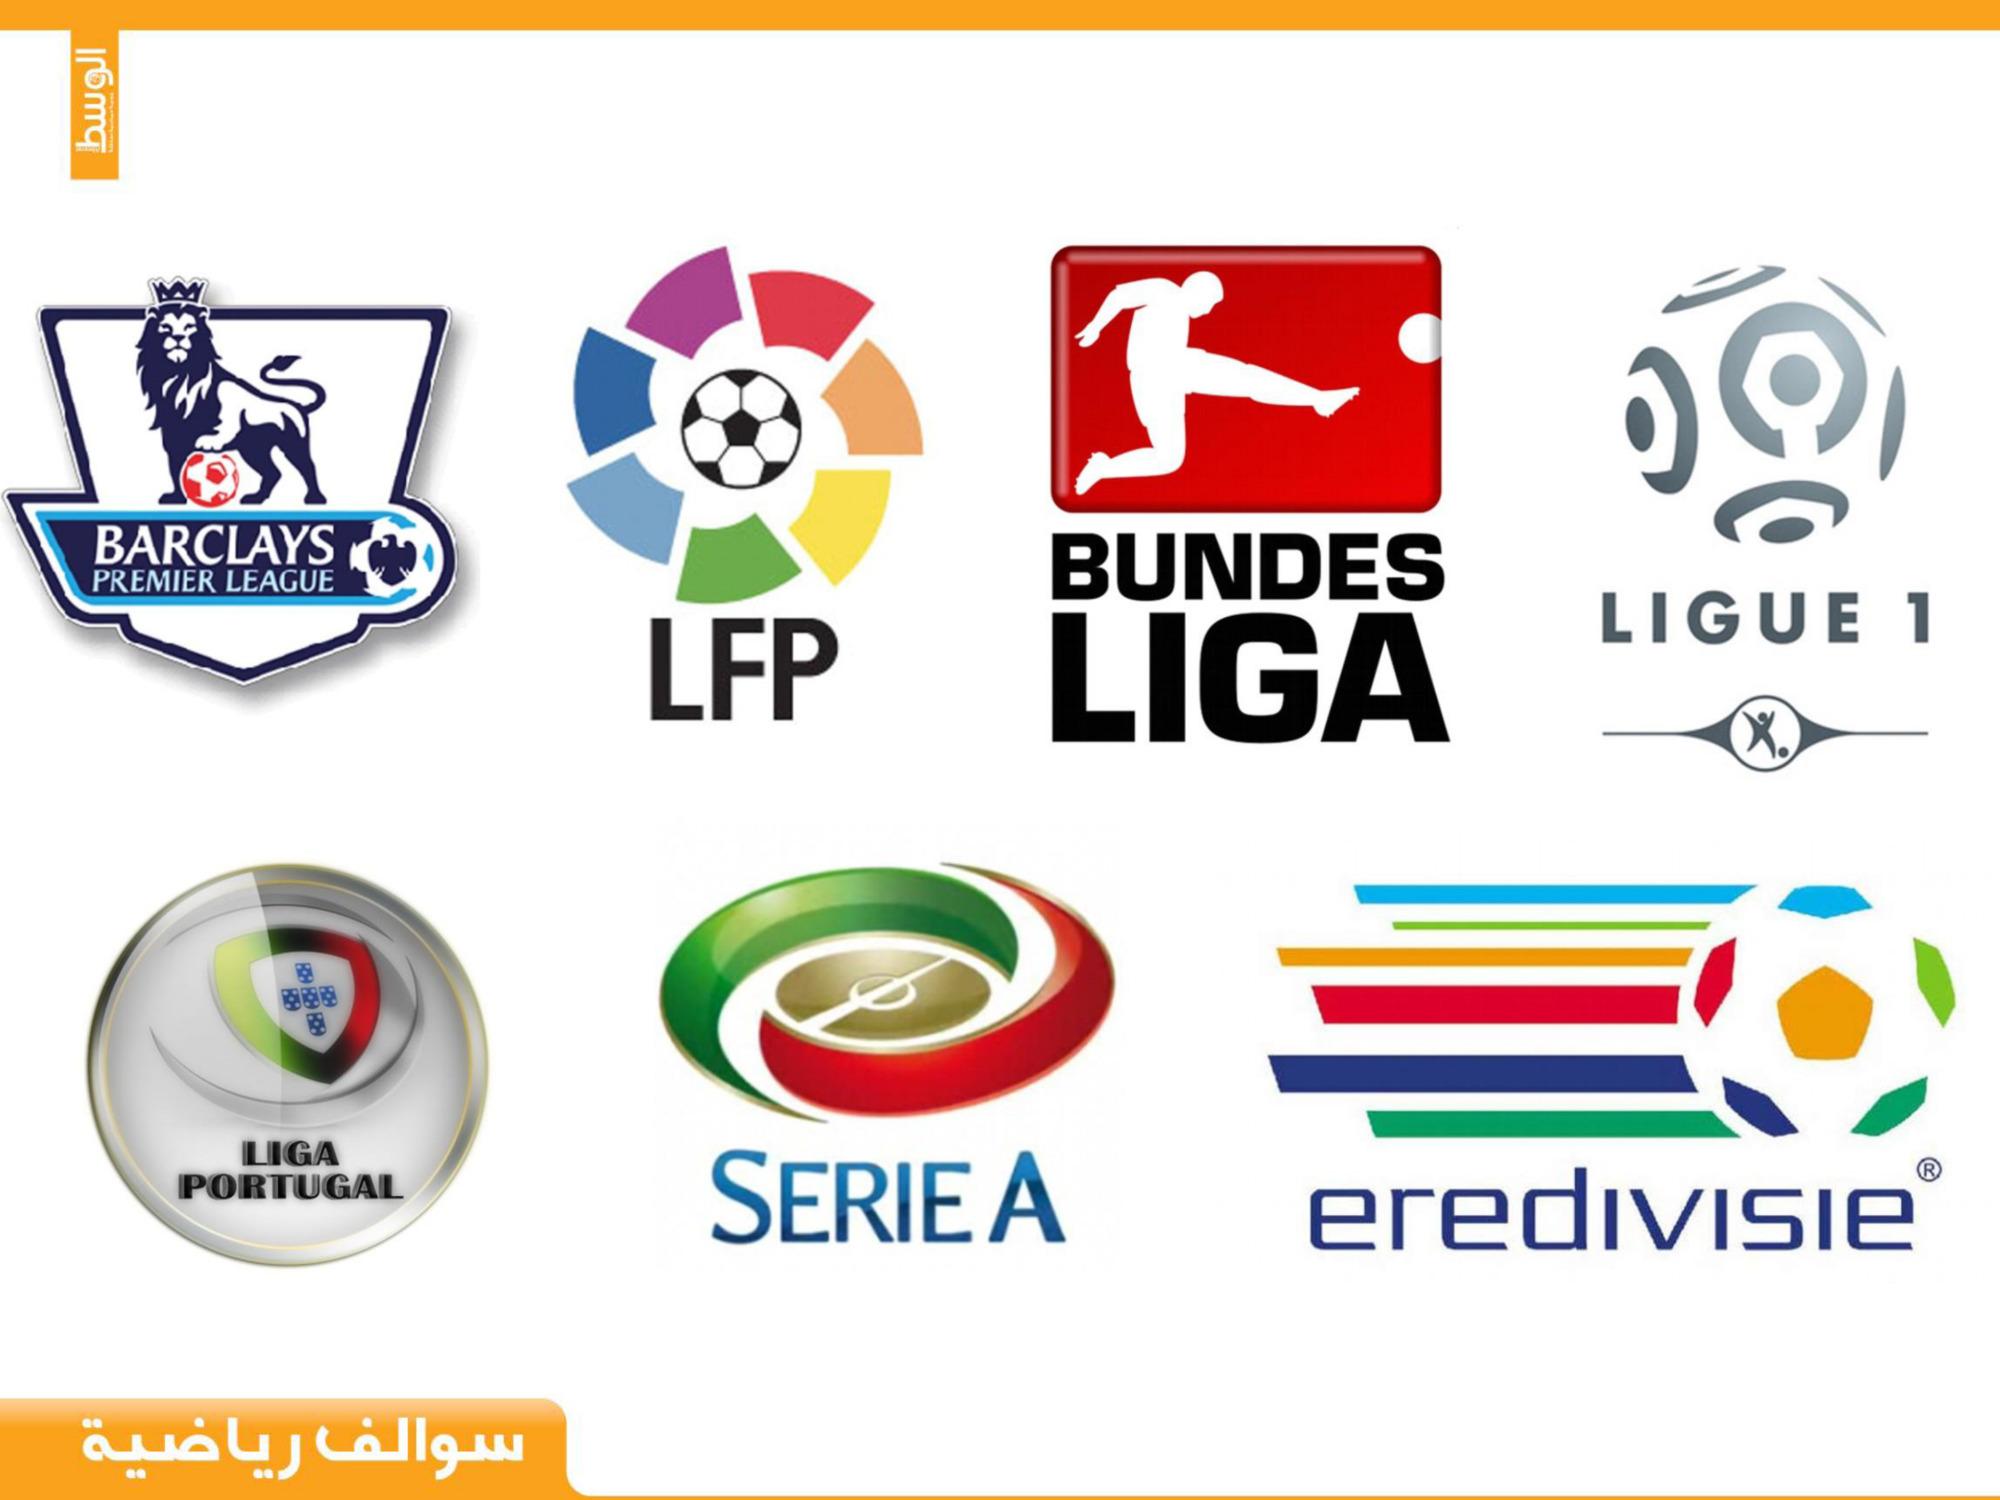 سوالف رياضية ما هو أفضل دوري في العالم رياضة صحيفة الوسط البحرينية مملكة البحرين